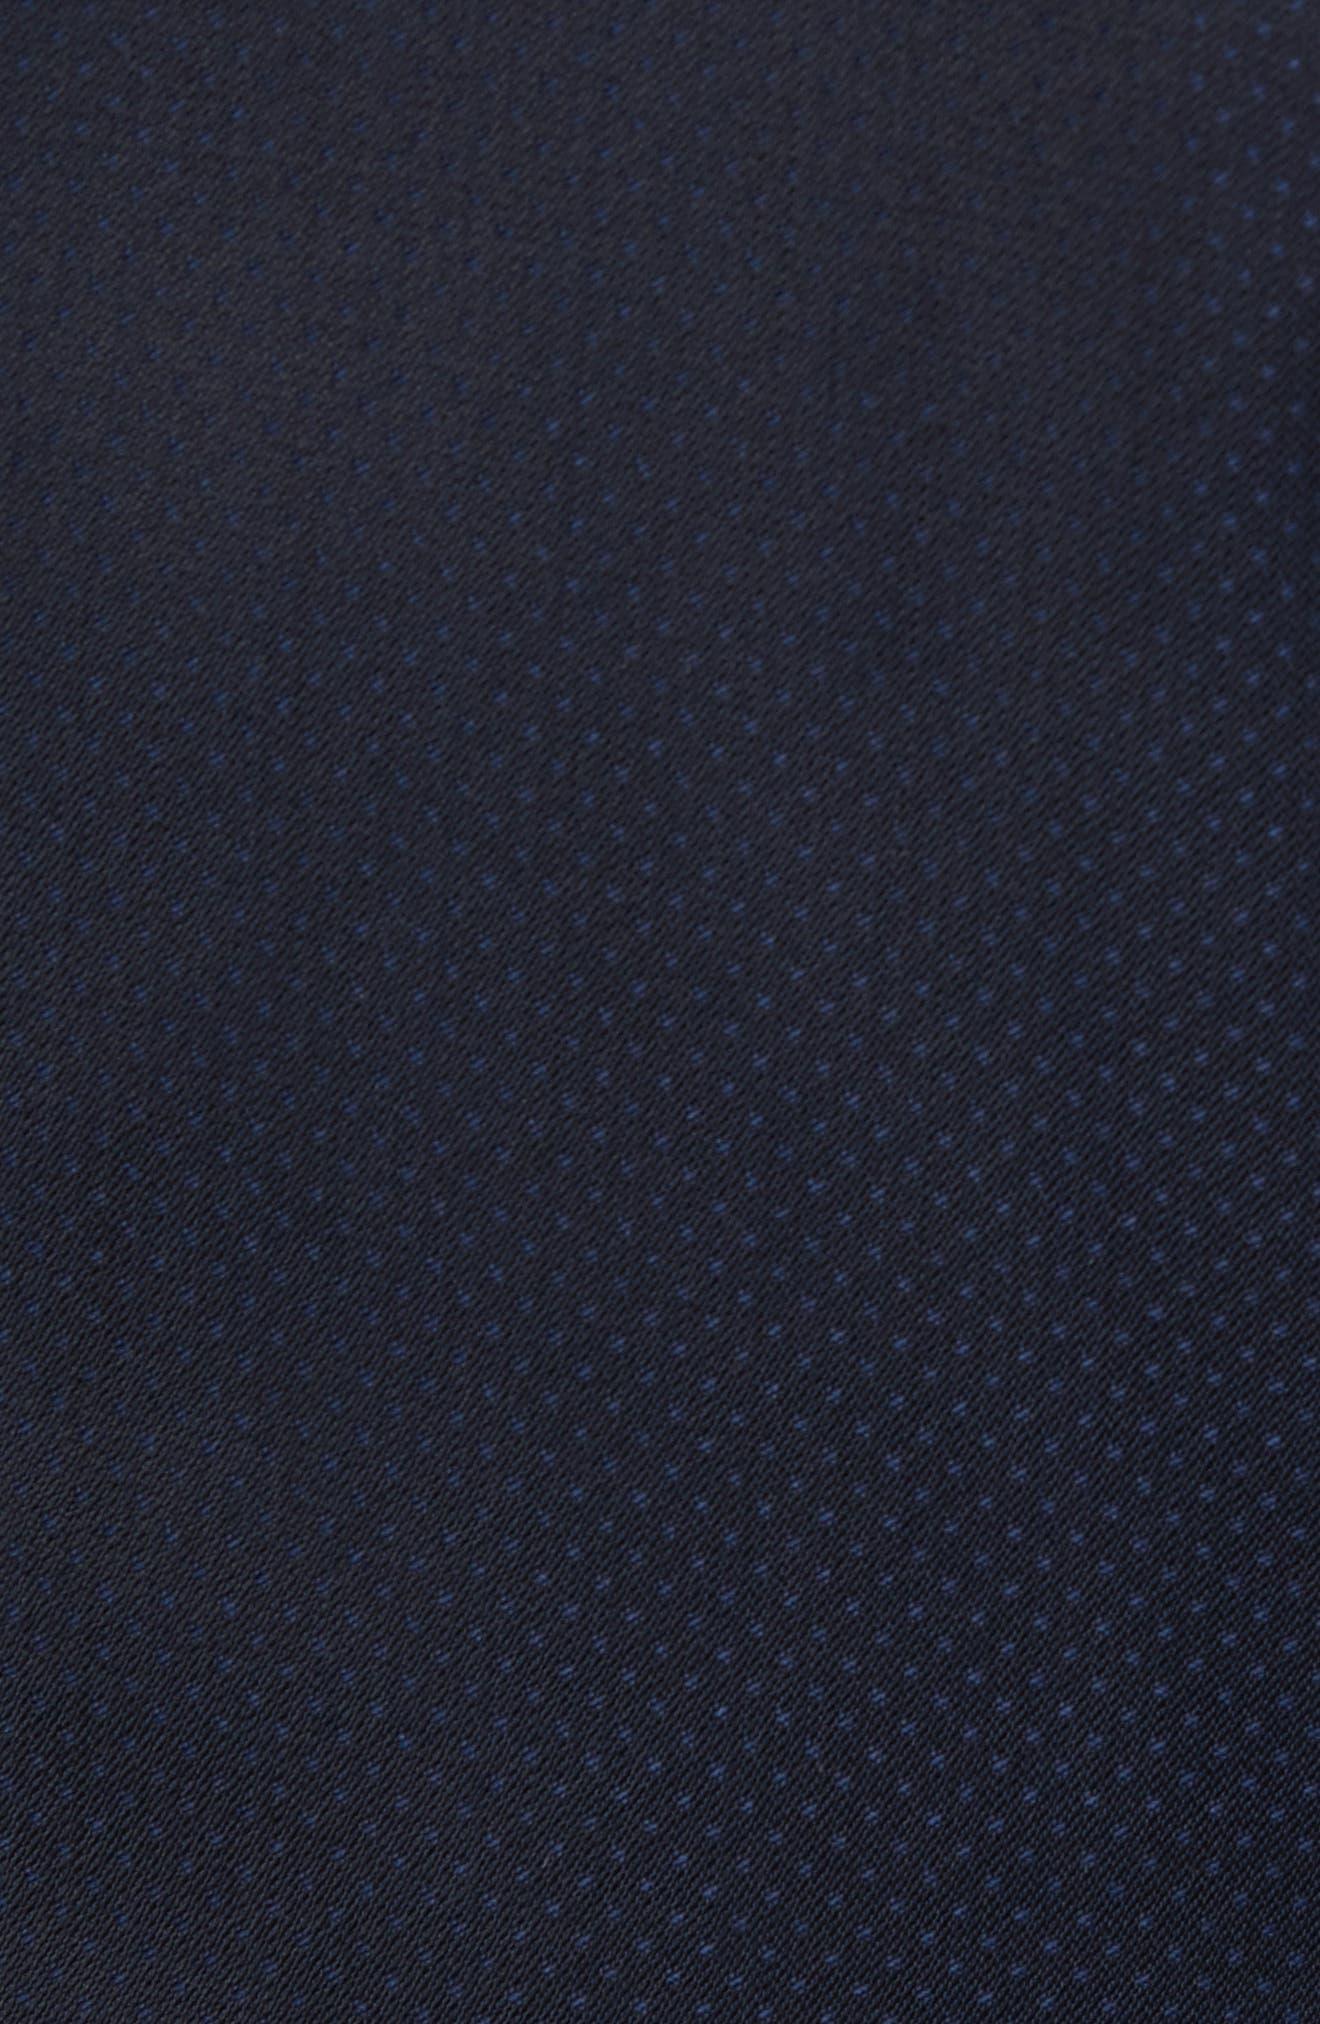 Helward Trim Fit Wool Dinner Jacket,                             Alternate thumbnail 5, color,                             Navy